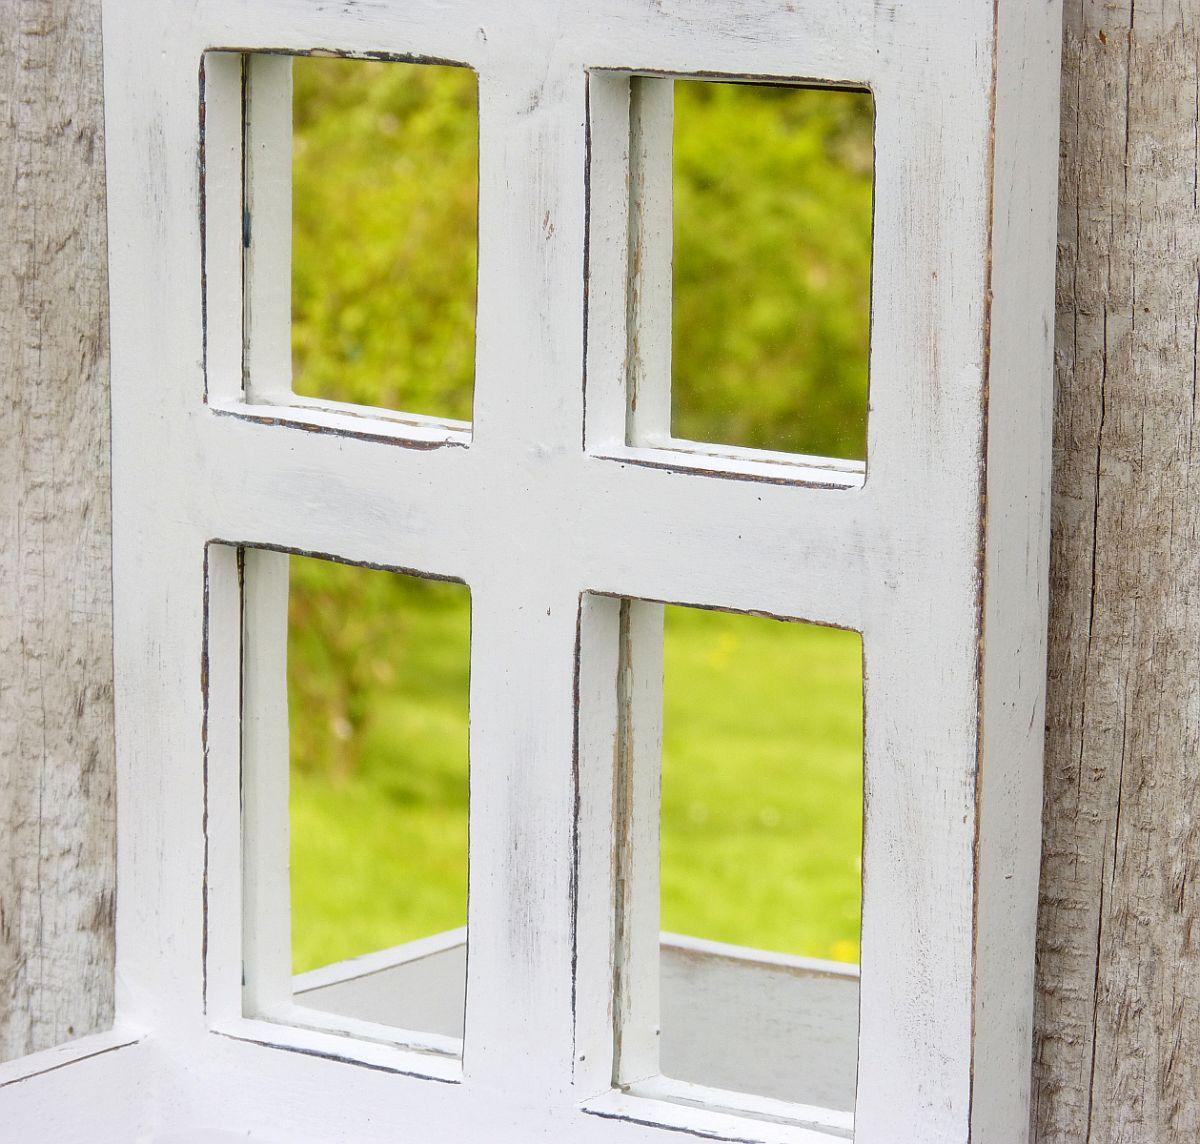 Spiegelfenster sprossenfenster spiegel pflanztopf pflanzkorb holz more online shop - Spiegel sprossenfenster ...